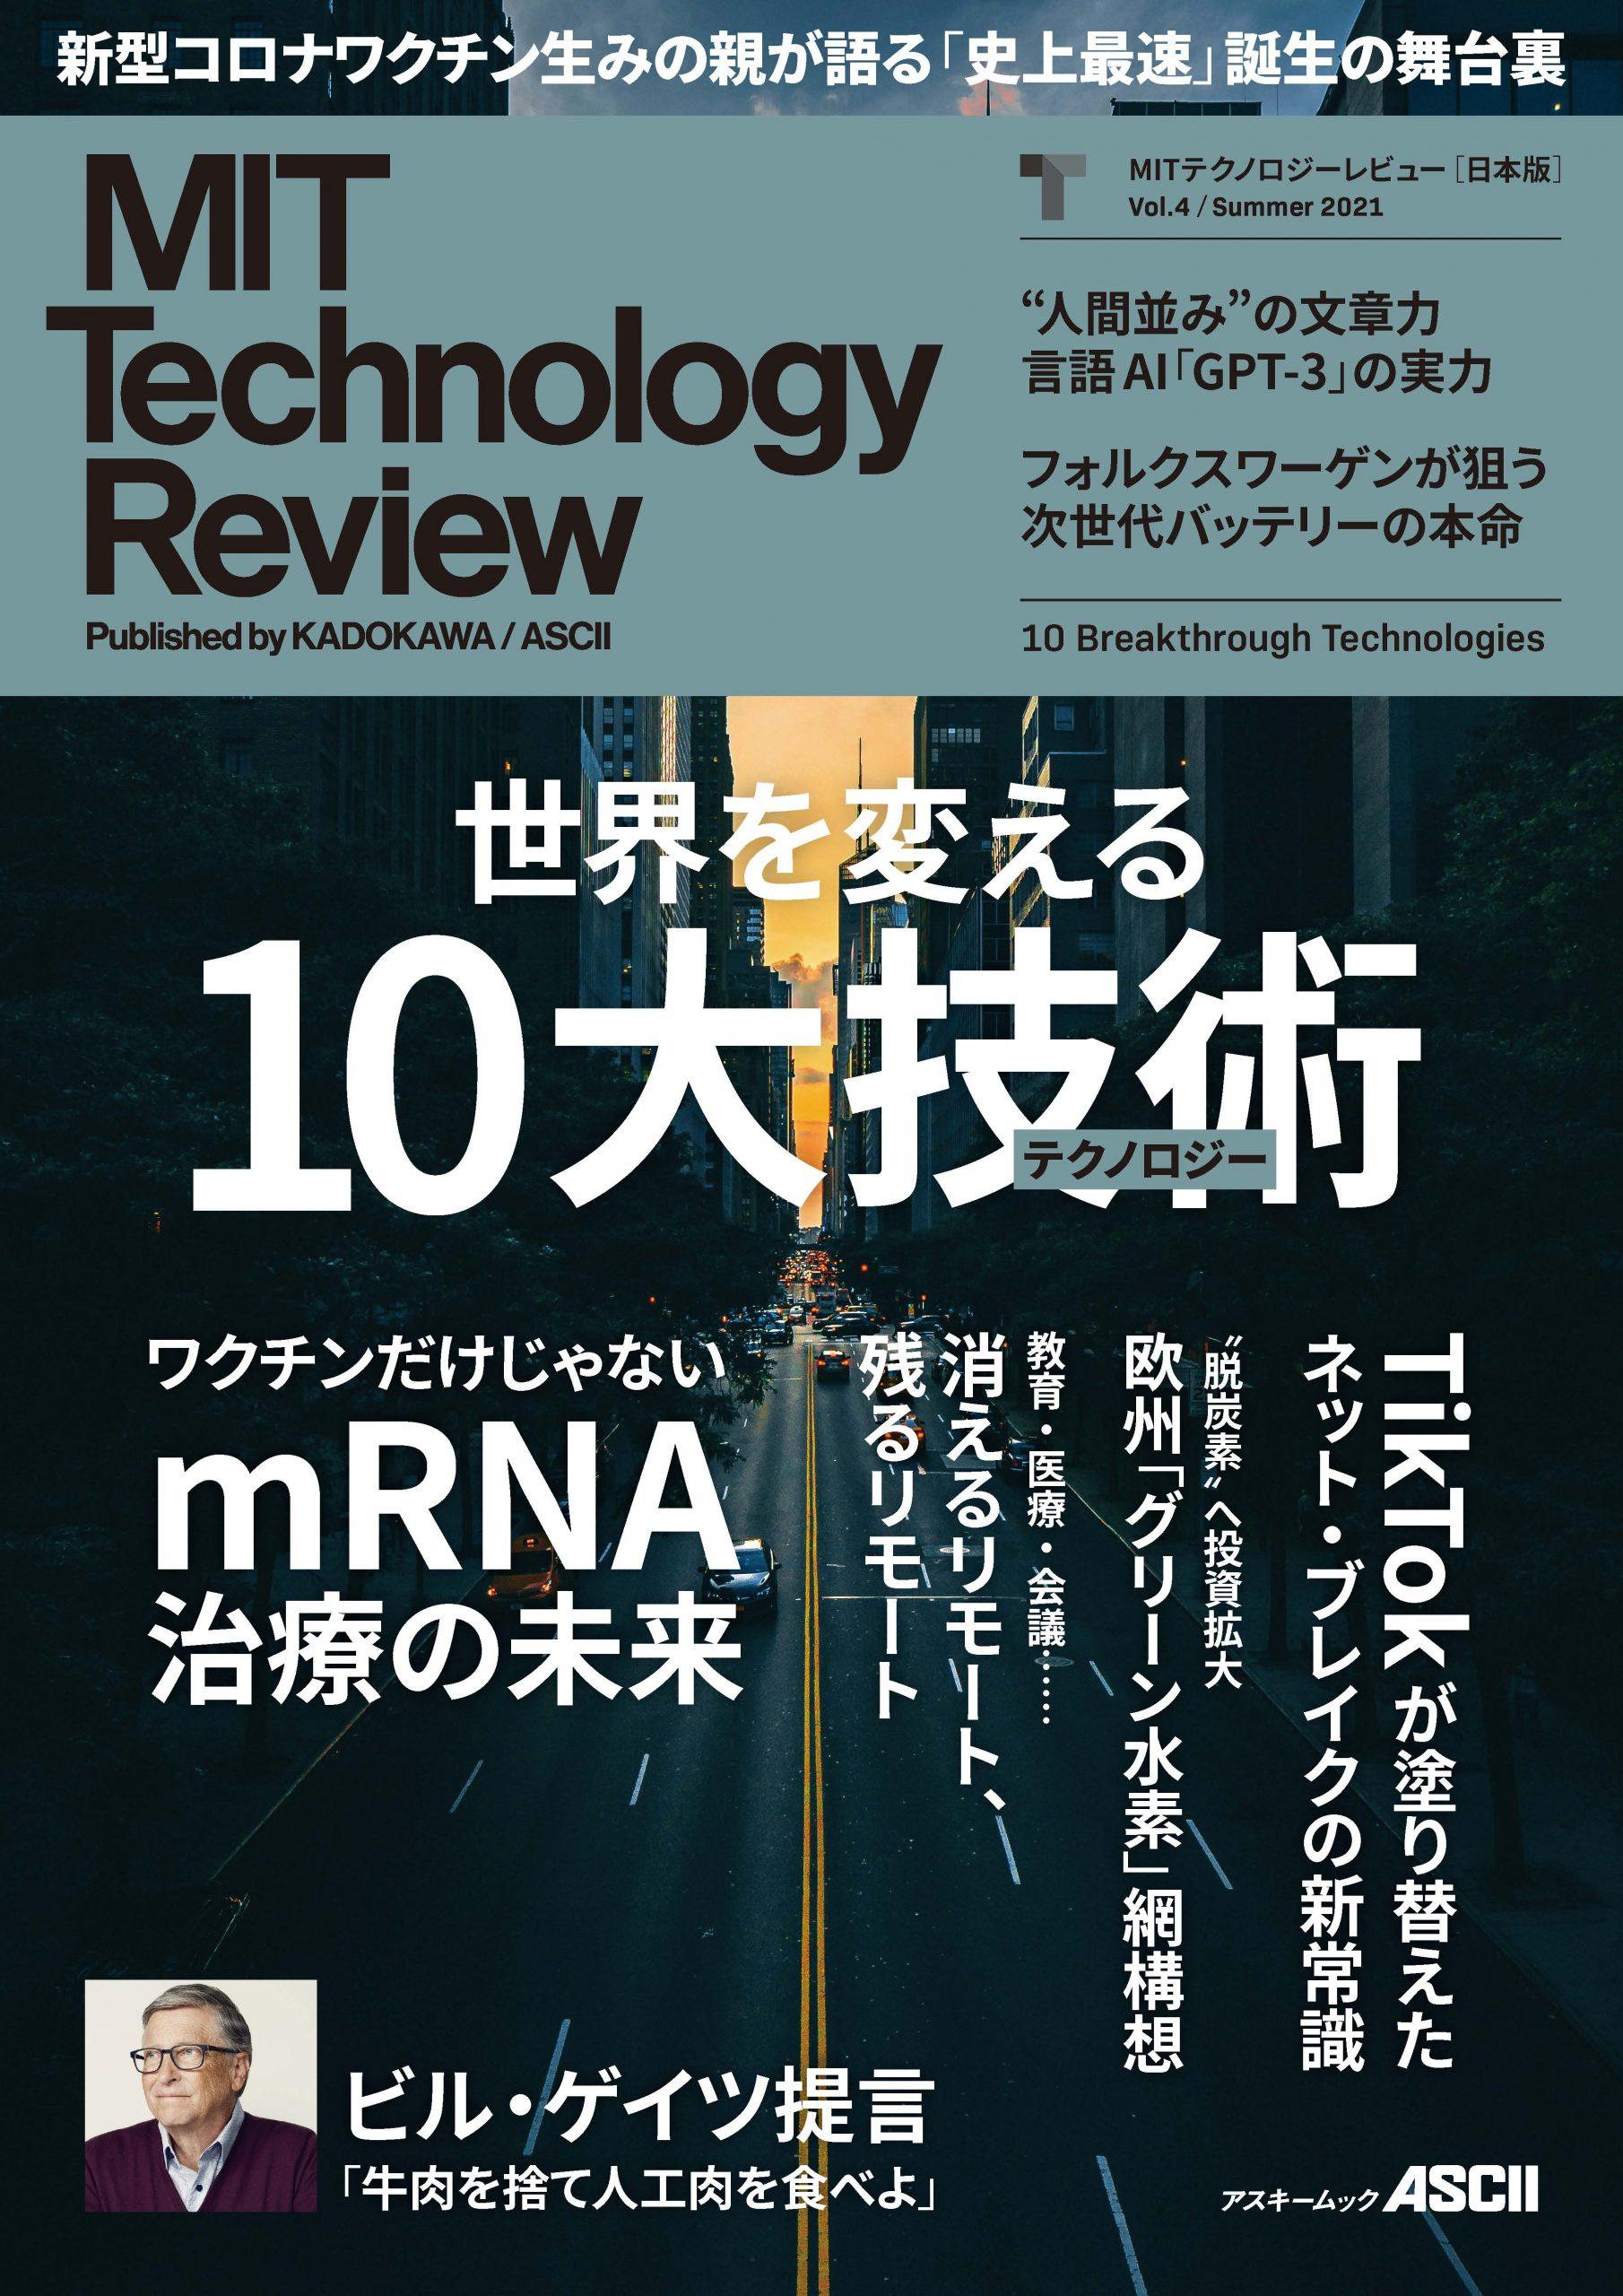 MITテクノロジーレビューVol.4 読者モニター募集のお知らせ